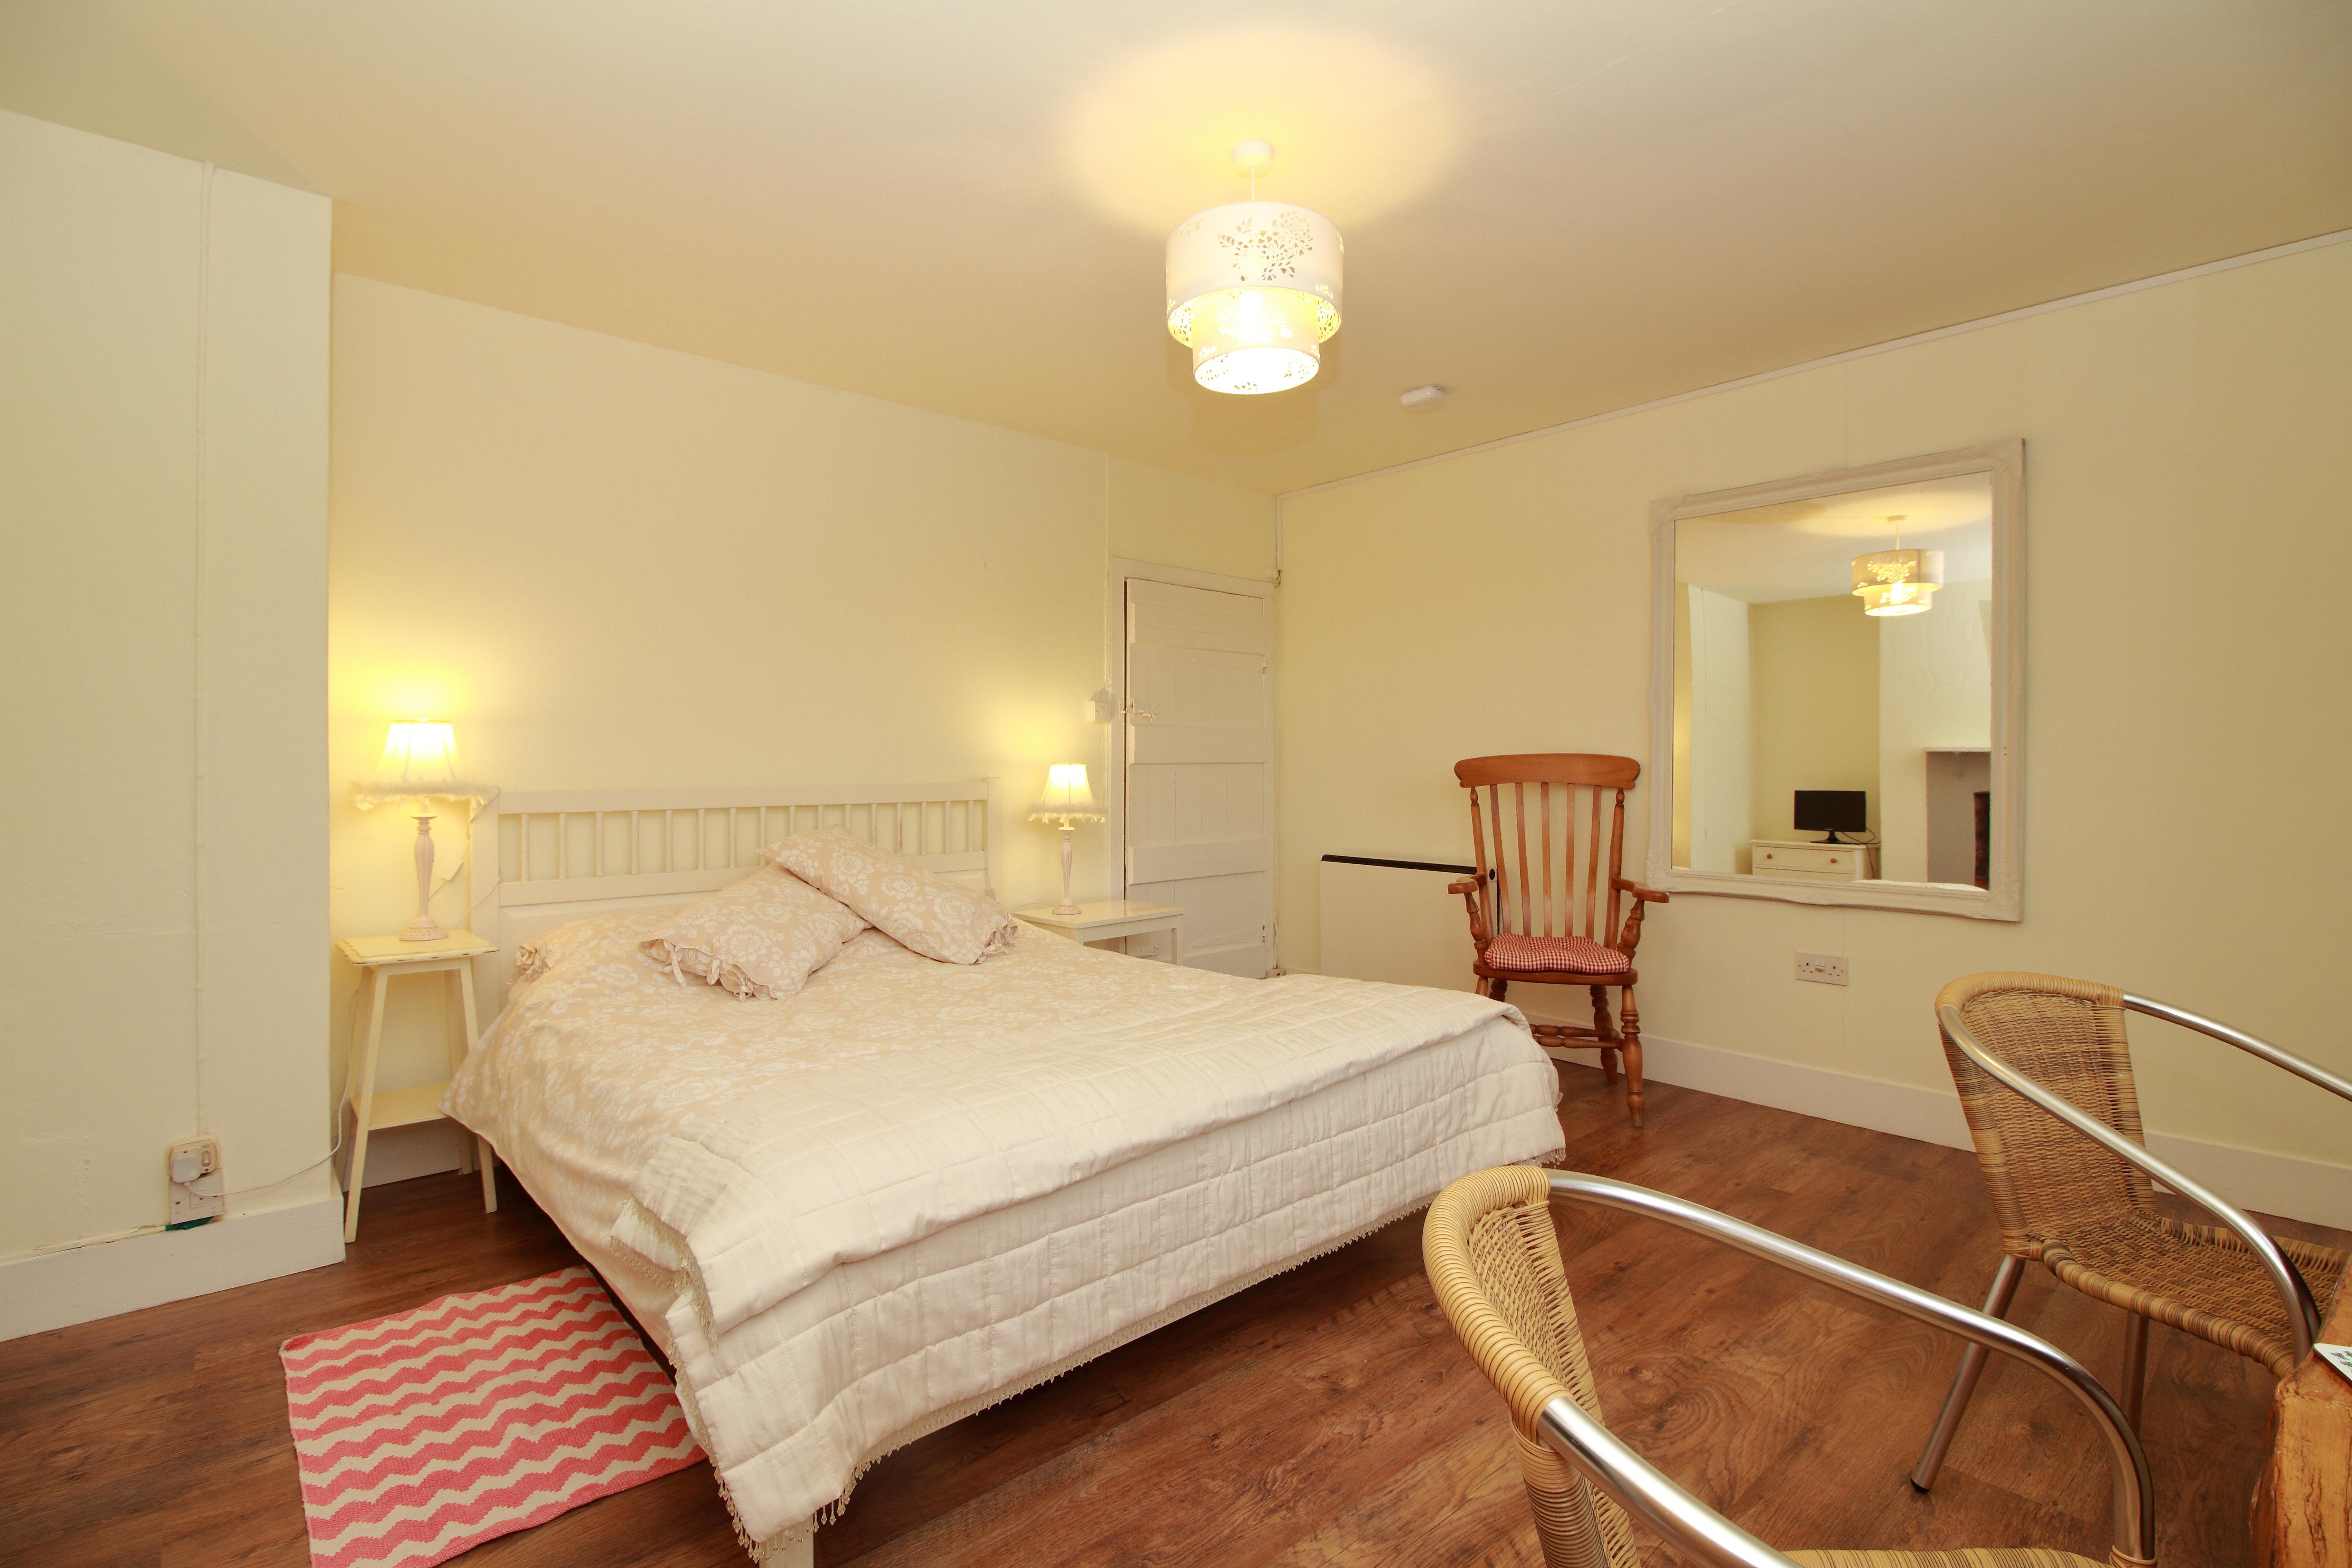 bedroom 3 (02)